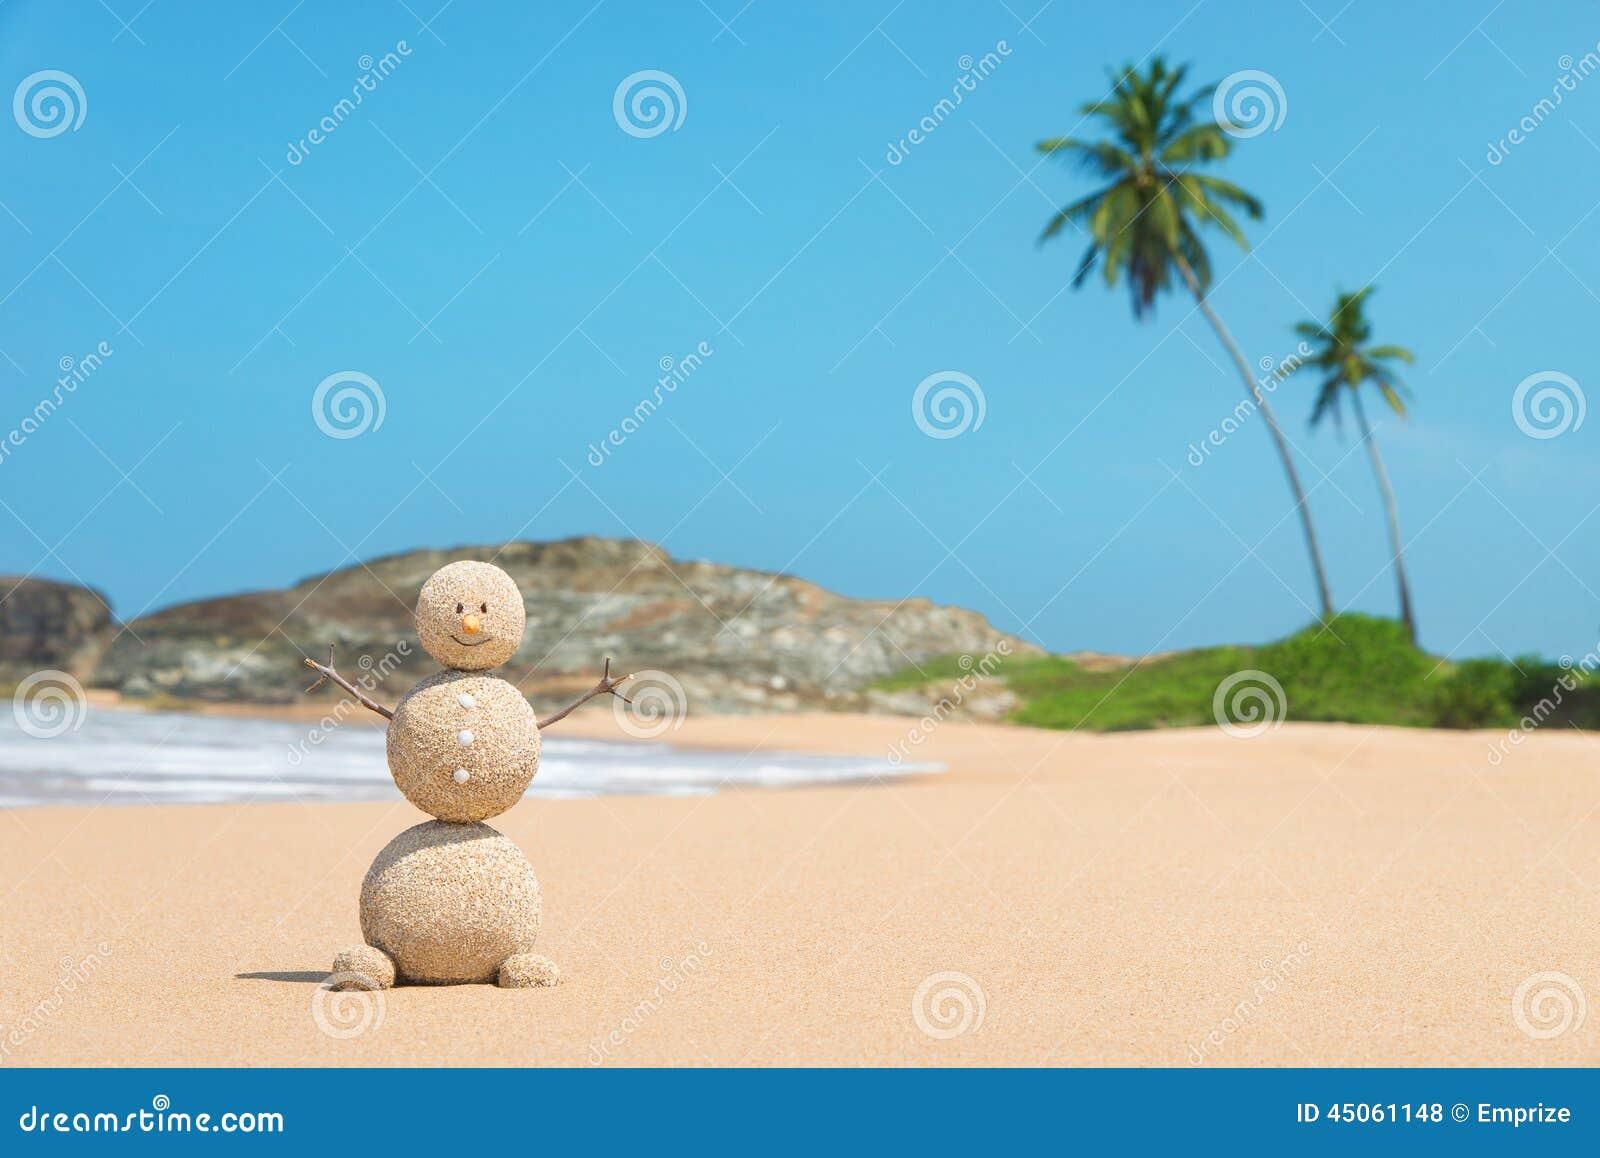 Homme de Sandy à la plage d océan contre le ciel bleu et les paumes